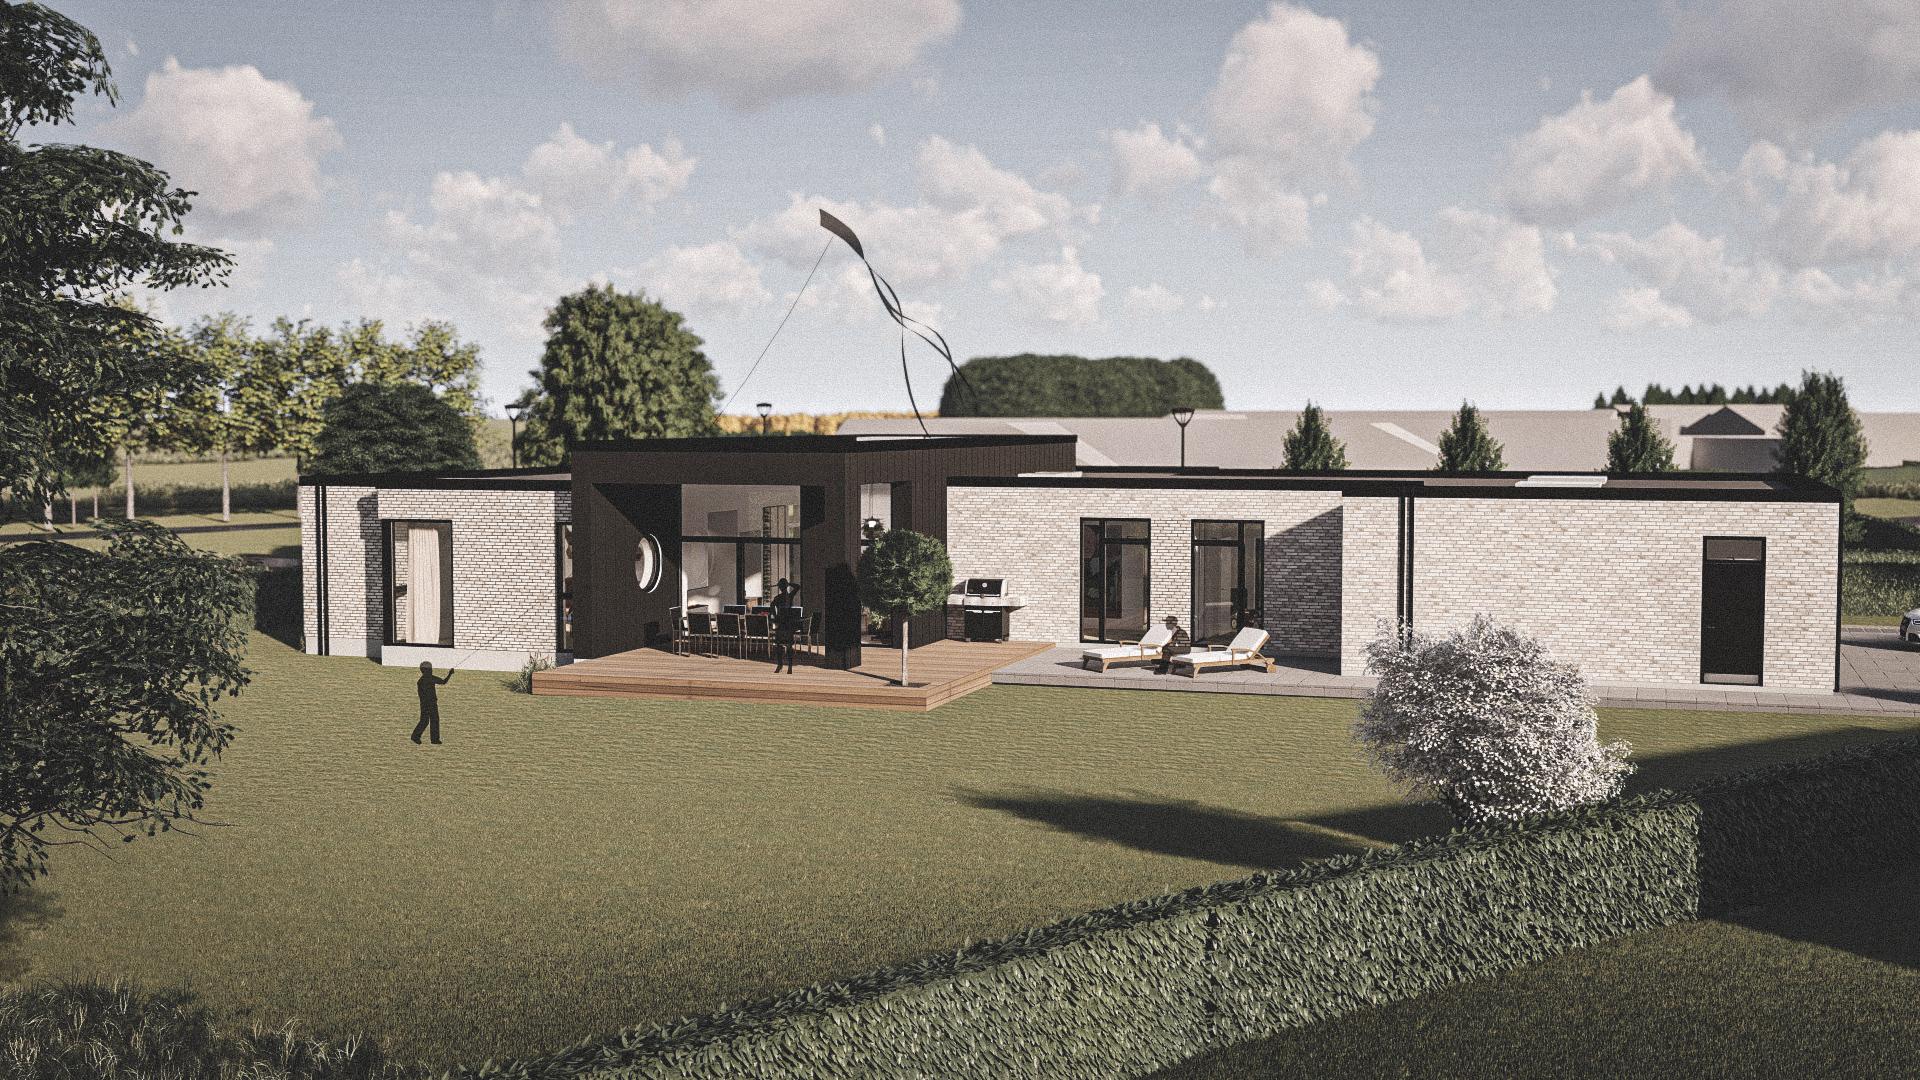 Billede af et arkitekt tegnet projektforslag af ny drømme villa i Aulum, af det danske arkitektfirma m2plus